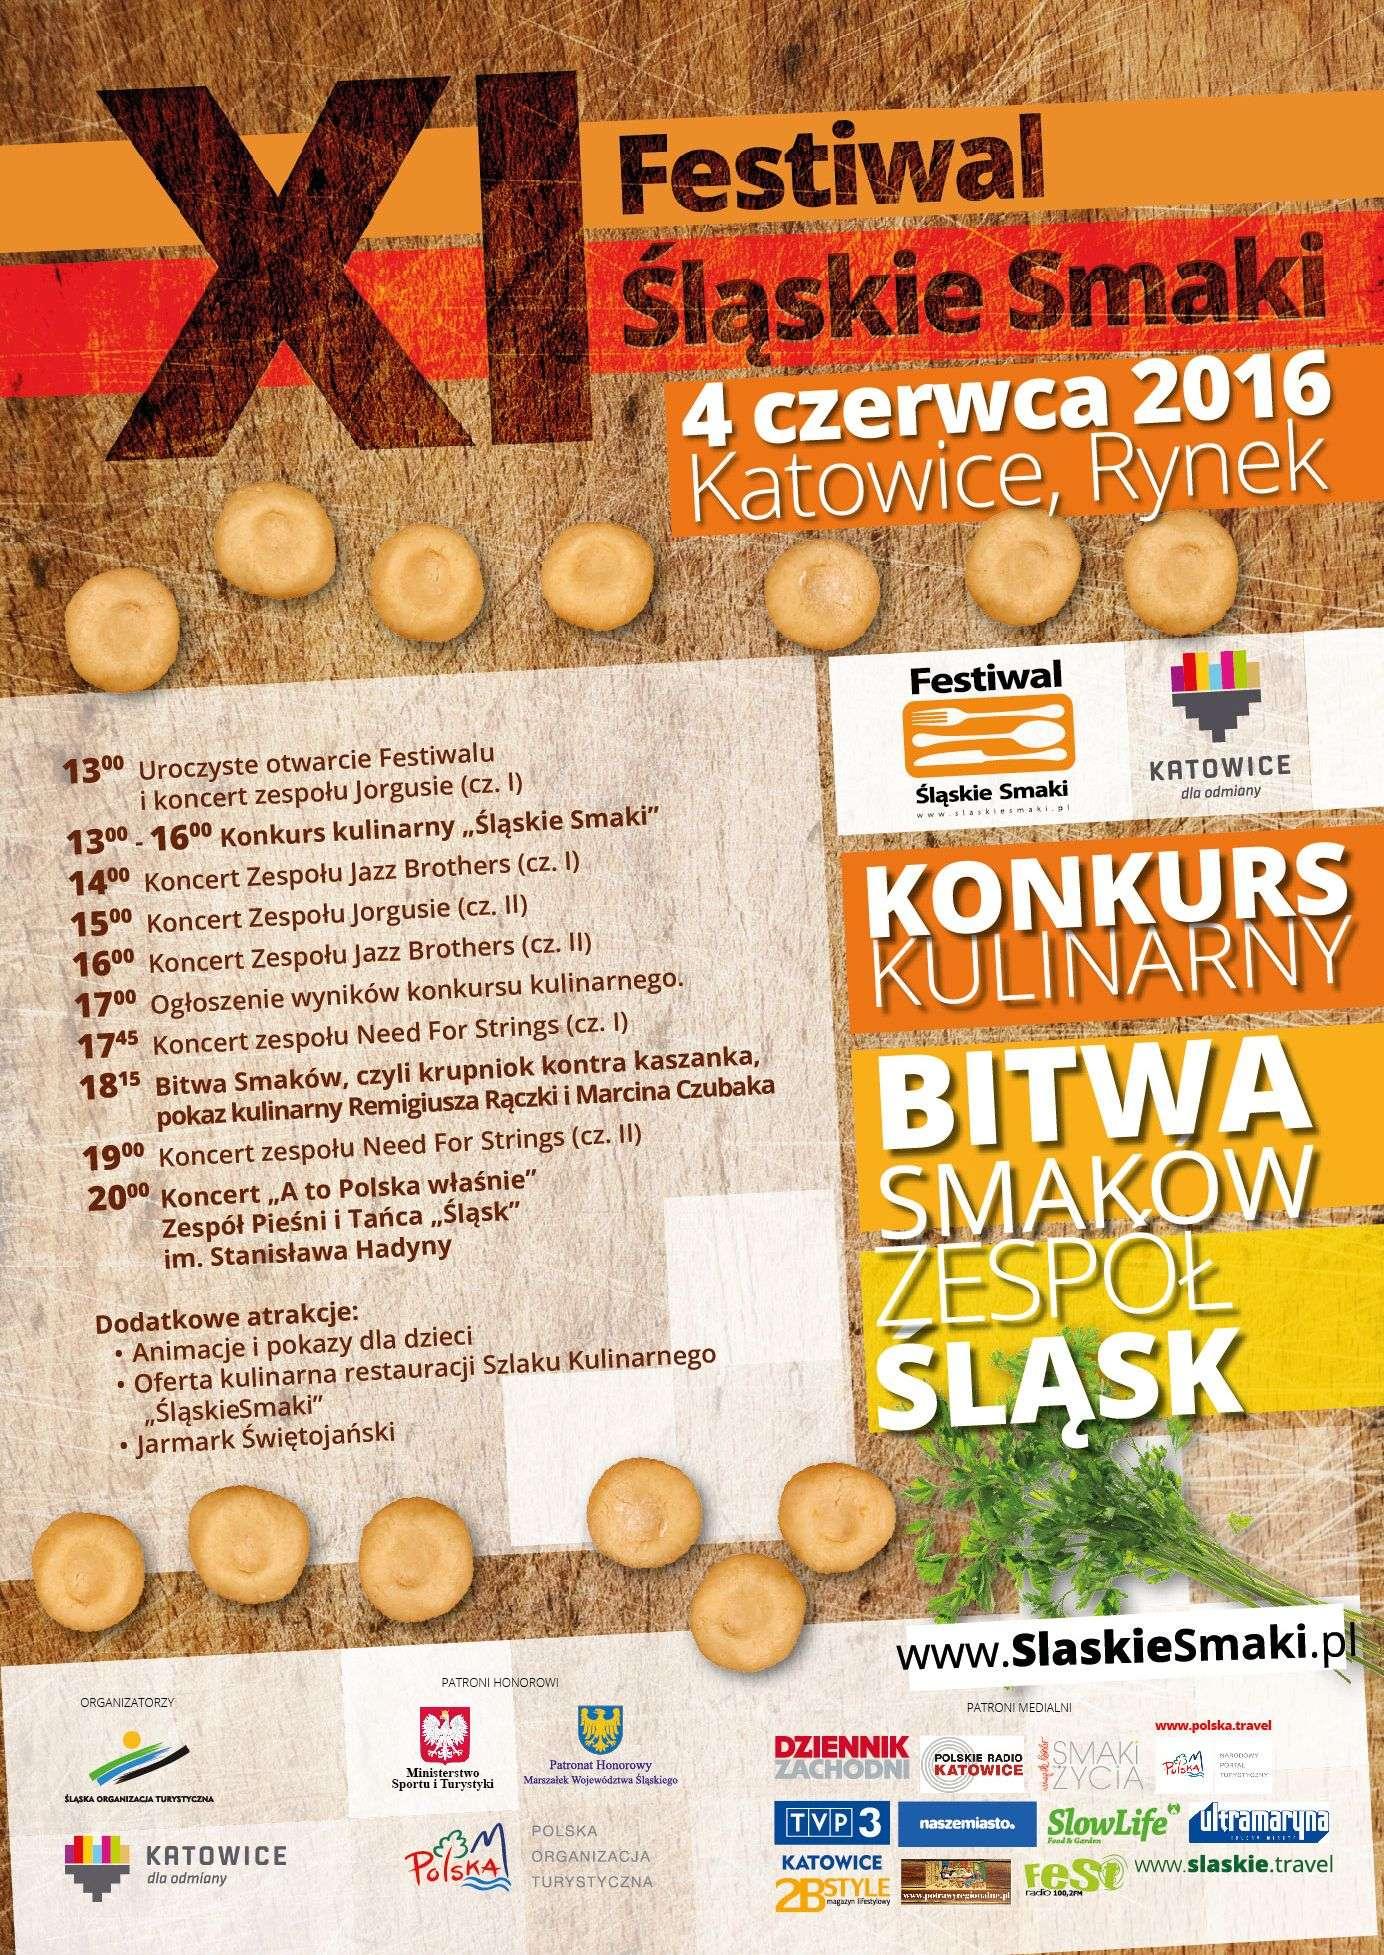 PlakatSlaskieSmaki2016-GOTOWY-23052016-compress